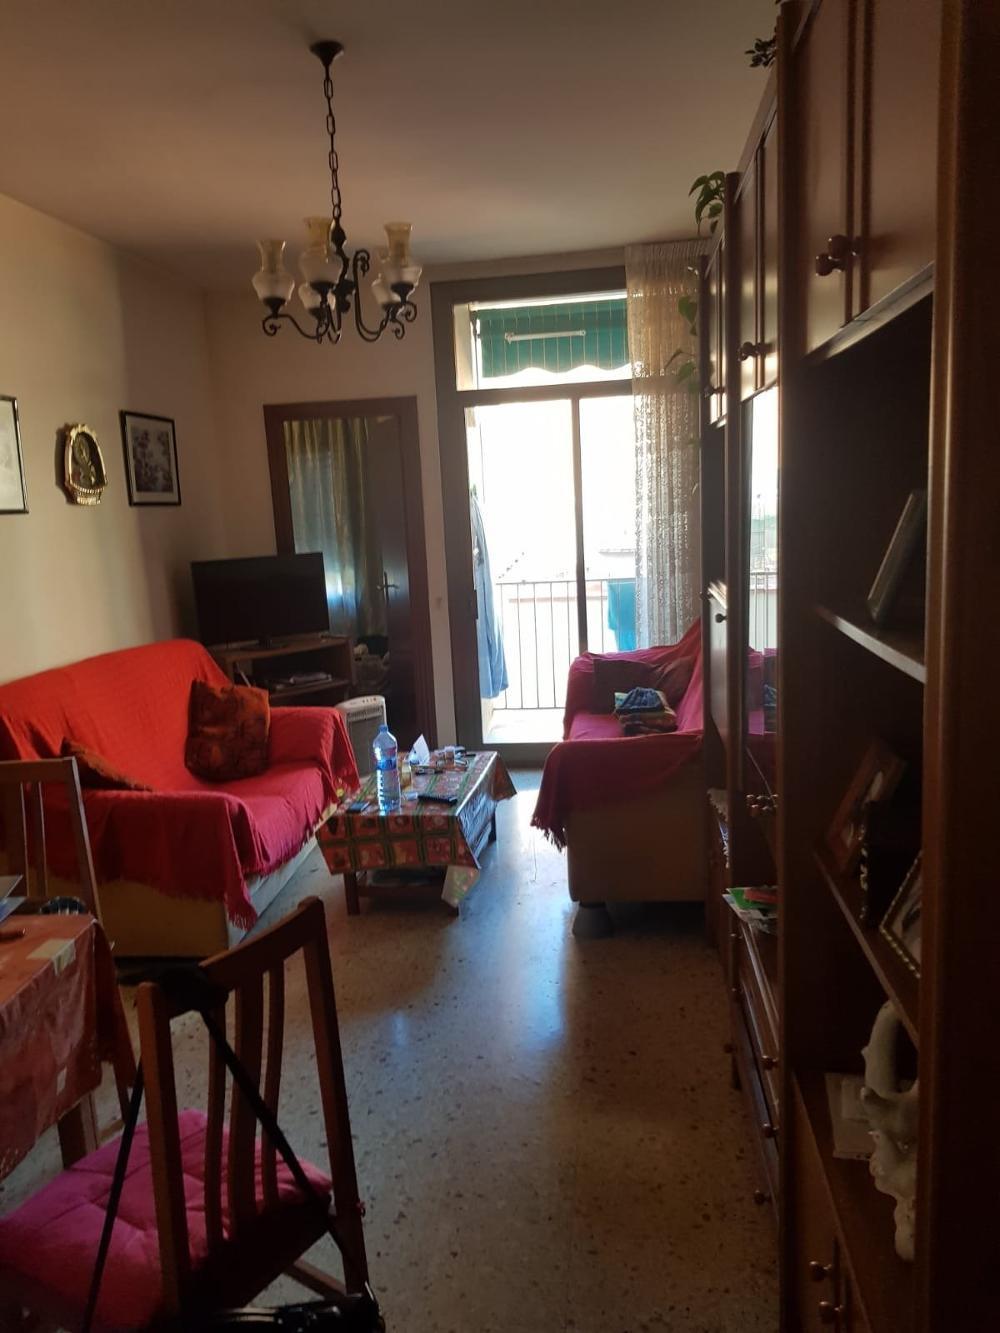 sant andreu-sant andreu barcelona piso foto 3522166